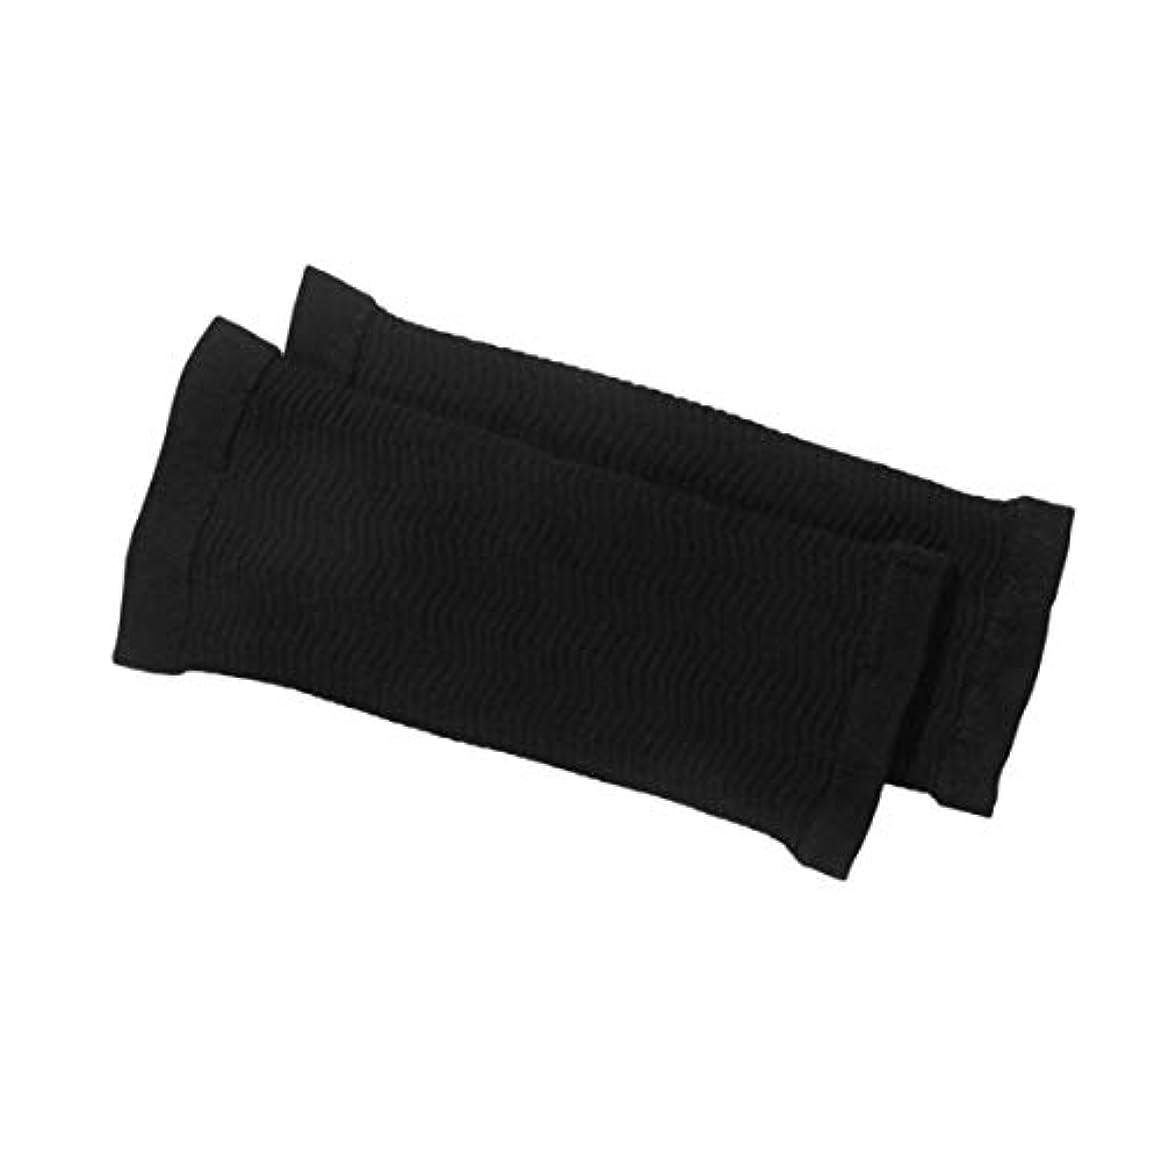 エゴイズムパラメータ予約1ペア420 D圧縮痩身アームスリーブワークアウトトーニングバーンセルライトシェイパー脂肪燃焼袖用女性 - 黒